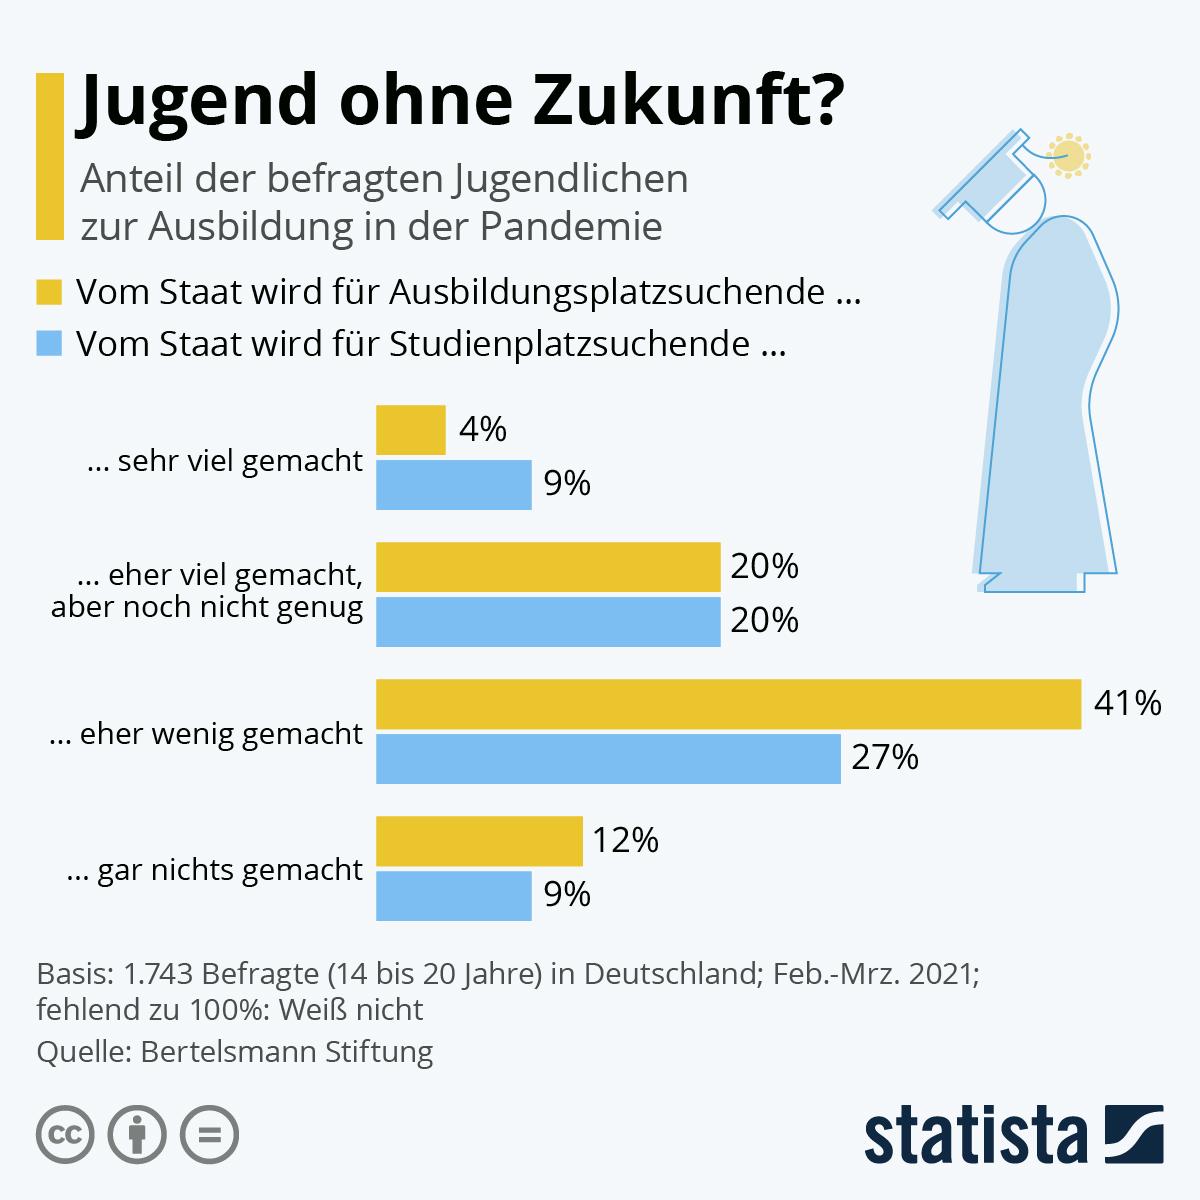 Statista -Die Grafik zeigt den Anteil der befragten Jugendlichen zur Ausbildung in der Pandemie